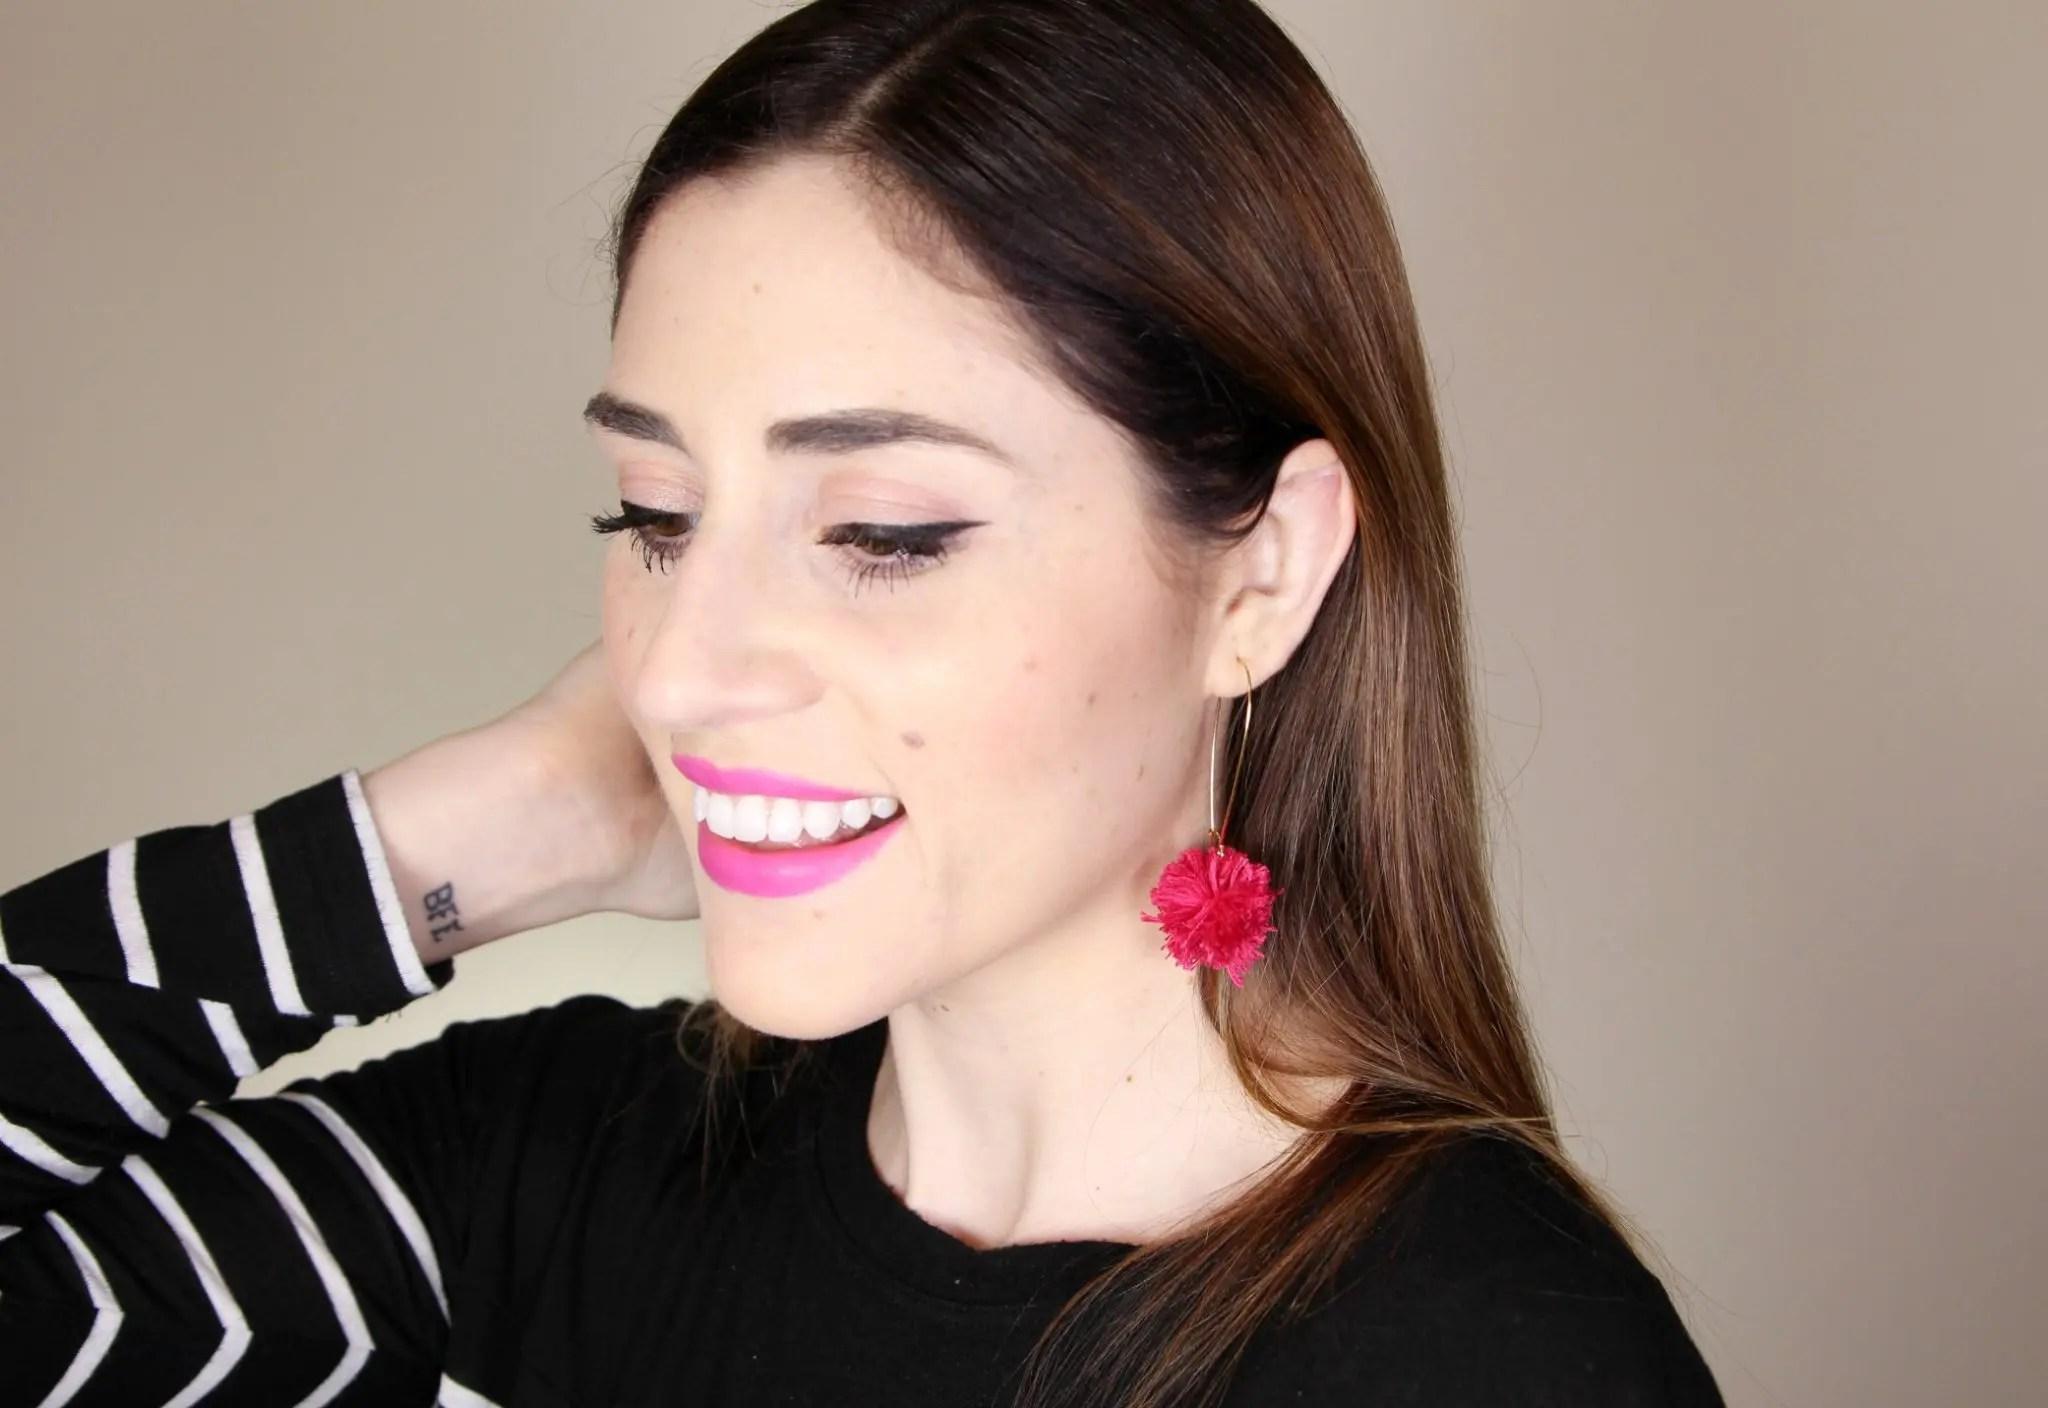 DIY Pom Pom Earrings | How to Make fun pompom earrings | CT Blogger